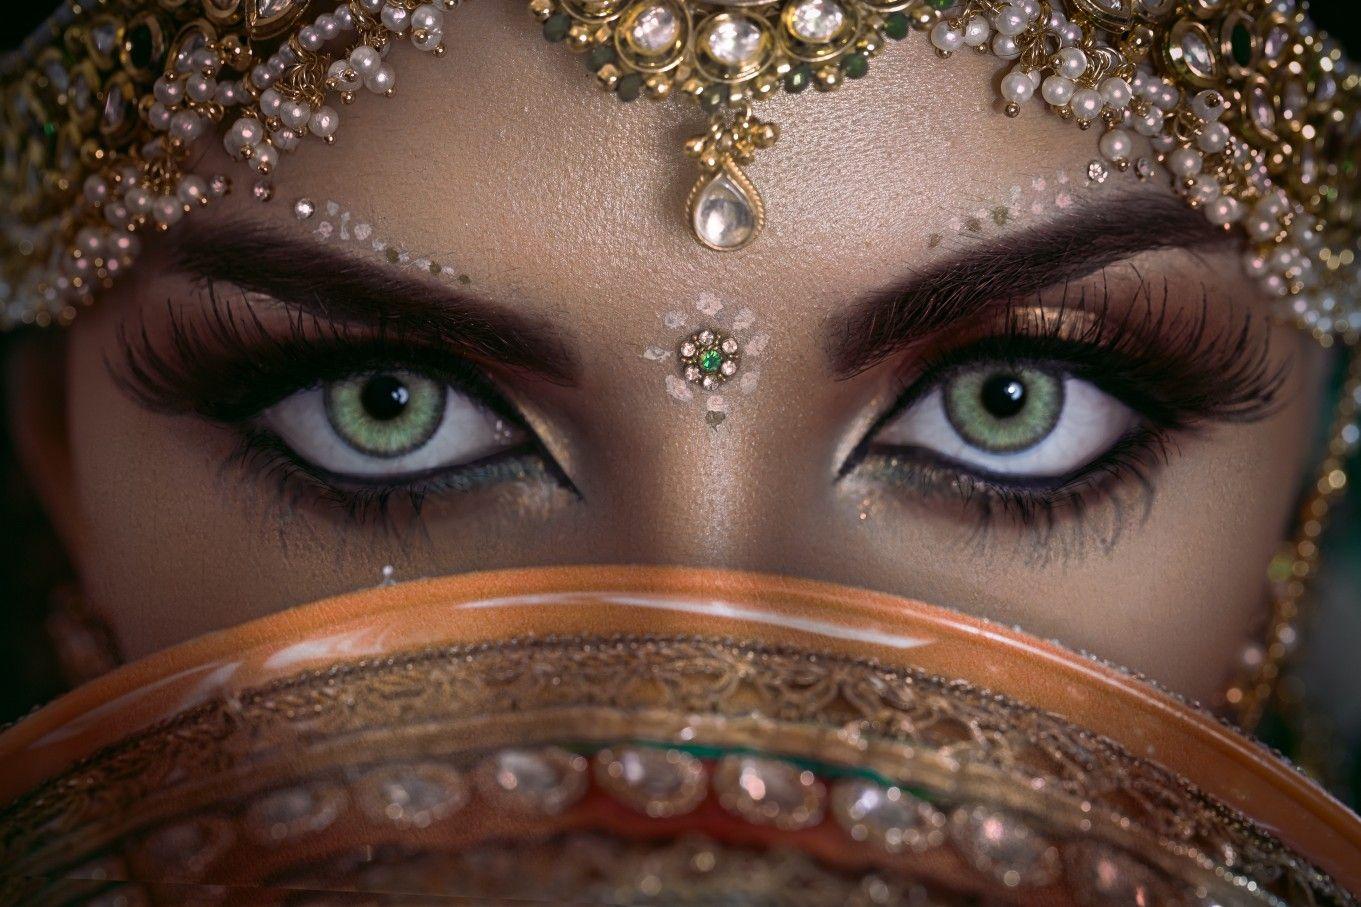 Eye Makeup Seeme Beauty Parlour Perfect makeup, Woman